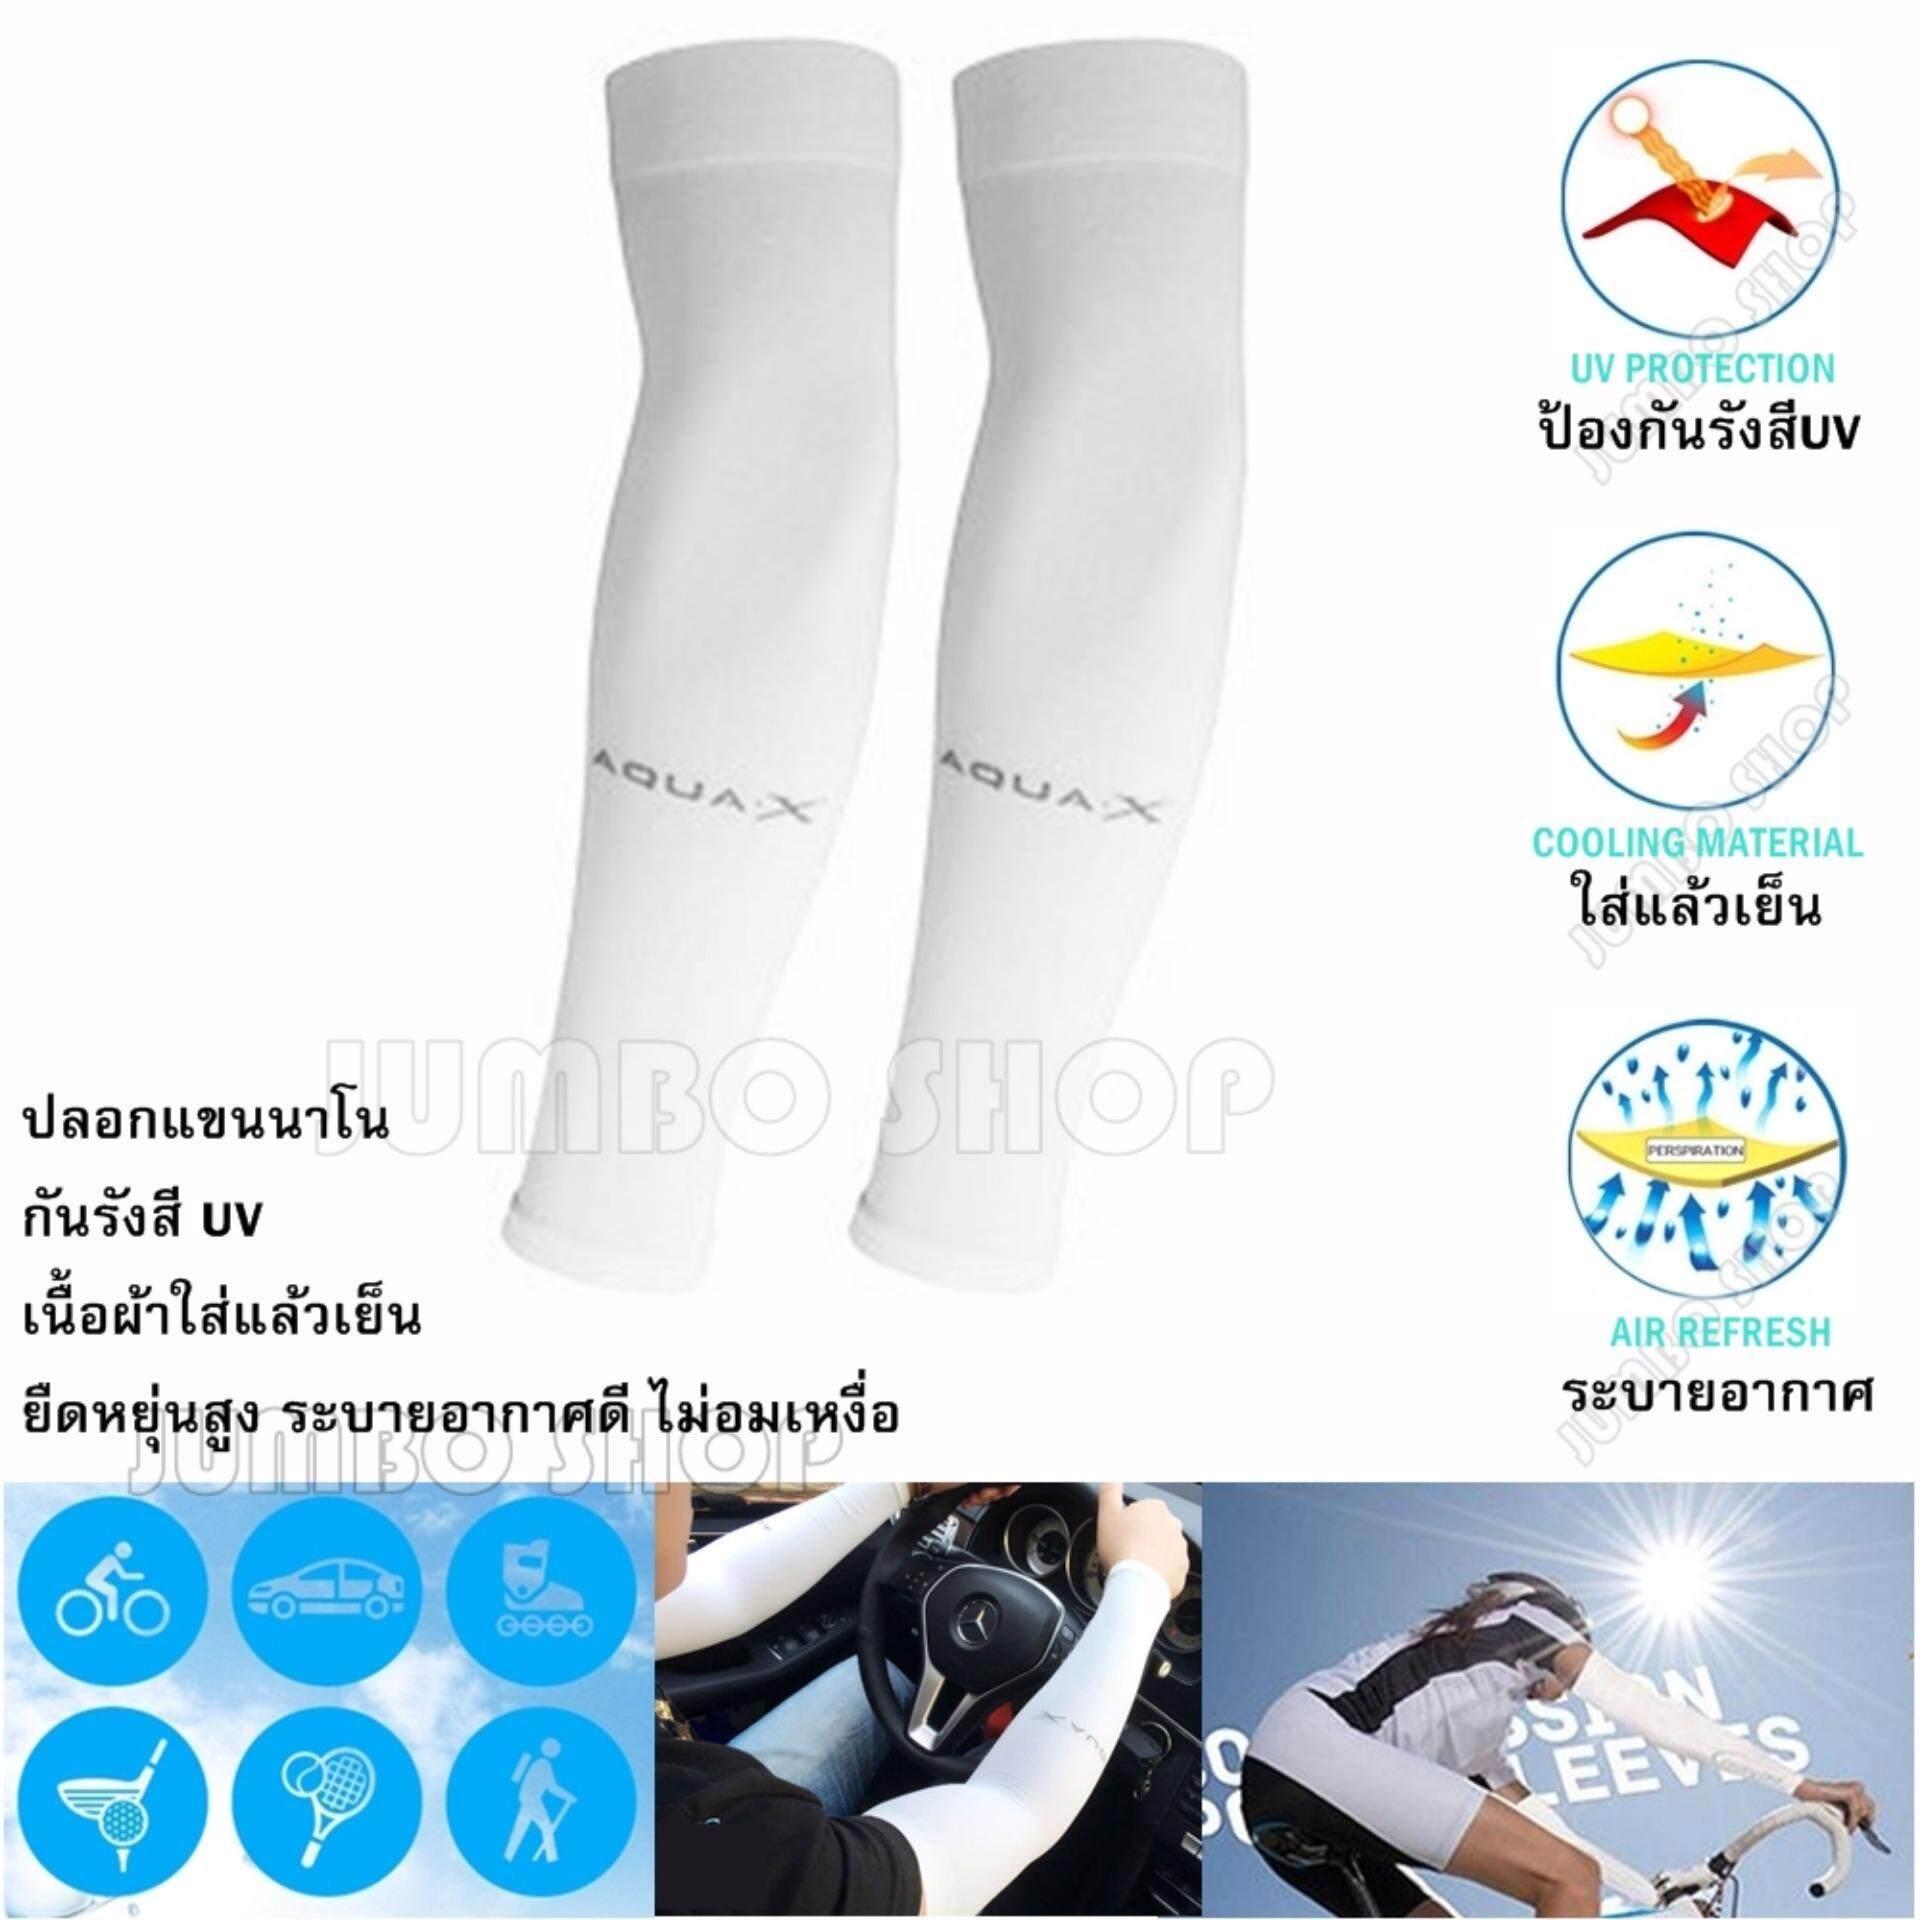 JUMBO ปลอกแขนกันแดด Aqua-X สำหรับกิจกรรมกลางแจ้ง กอล์ฟ จักรยาน วิ่ง มอเตอร์ไซค์ ขับรถ ตกปลา ใส่แล้วเย็น Cool Arm sleeves UV Protection (สีขาว) free size ใช้ได้ทั้ง ชายและหญิง